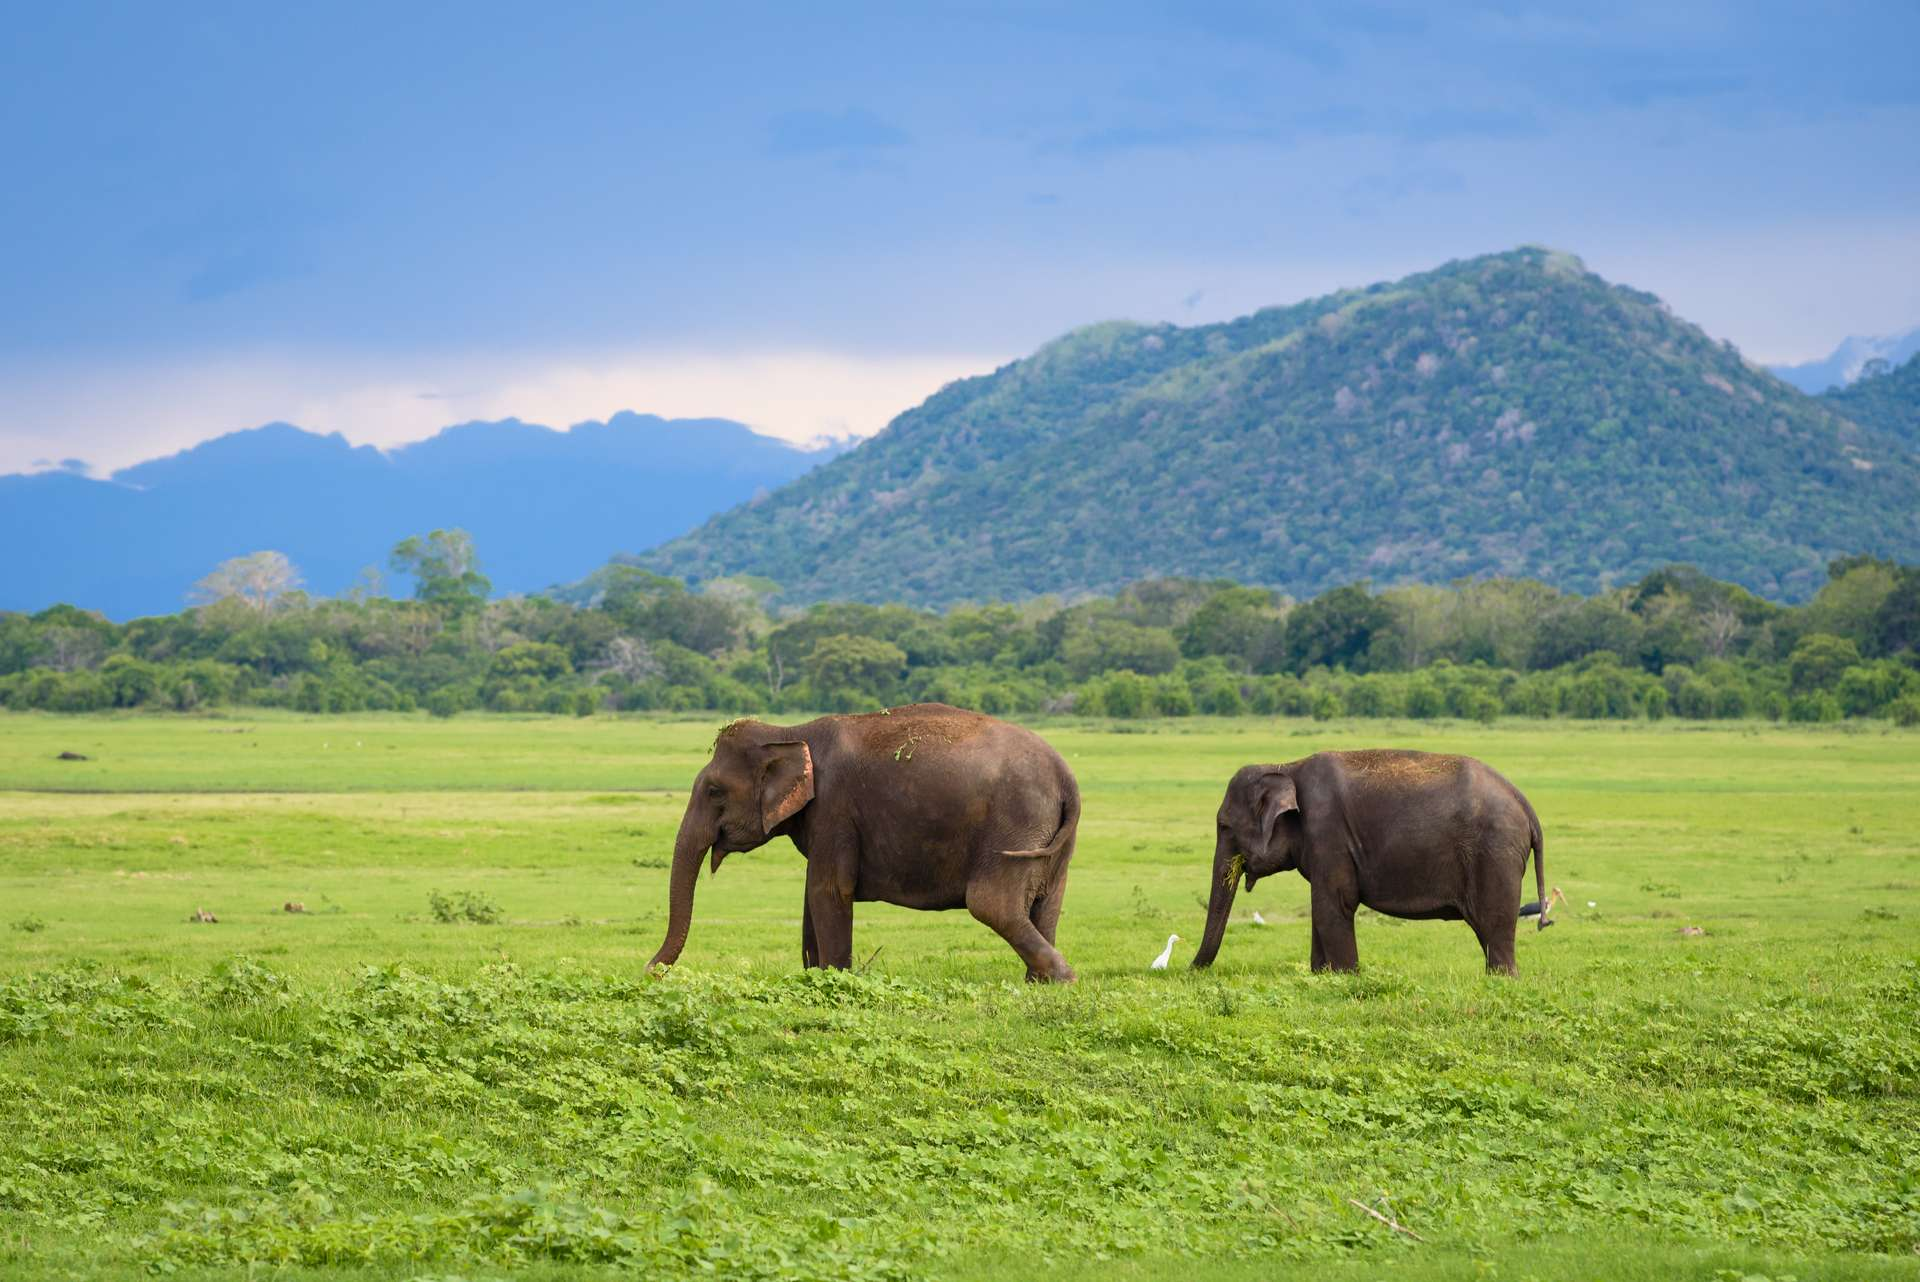 Deux éléphants d'Asie dans un parc national au Sri Lanka. © thdk, Adobe Stock